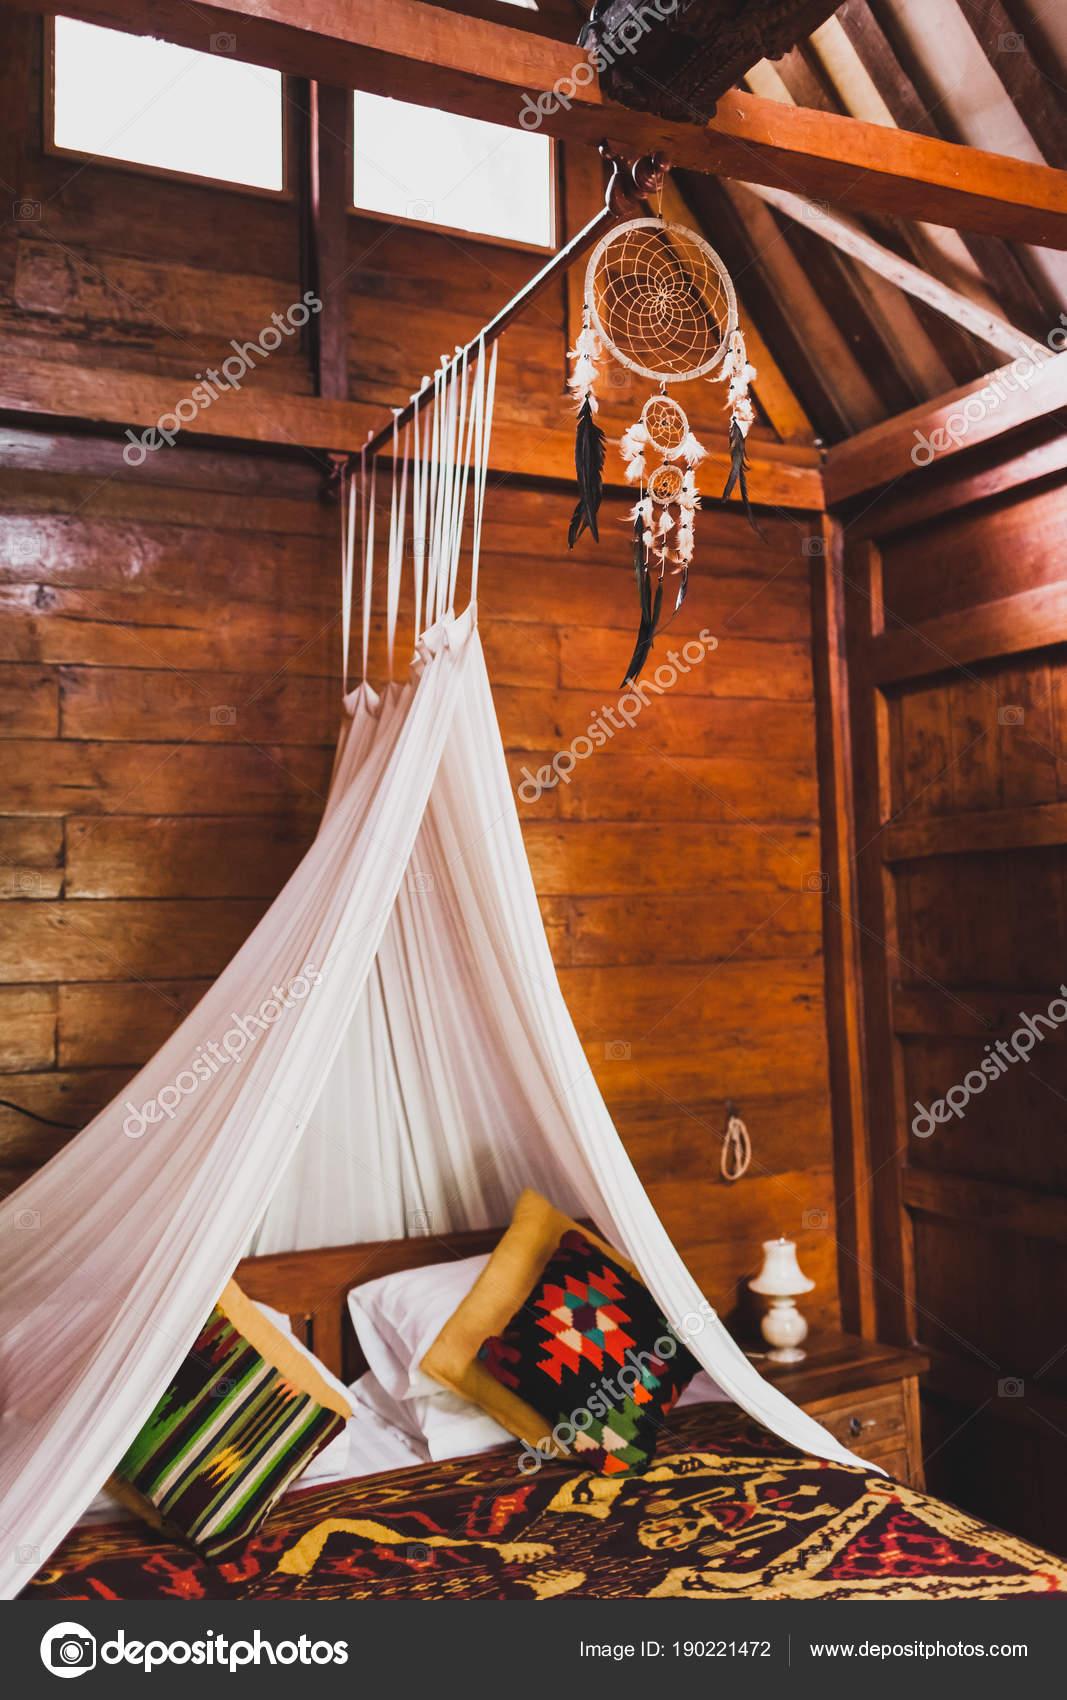 Hippie Stil Aus Holz Zimmer Mit Traditionellen Bett Durch Bunte